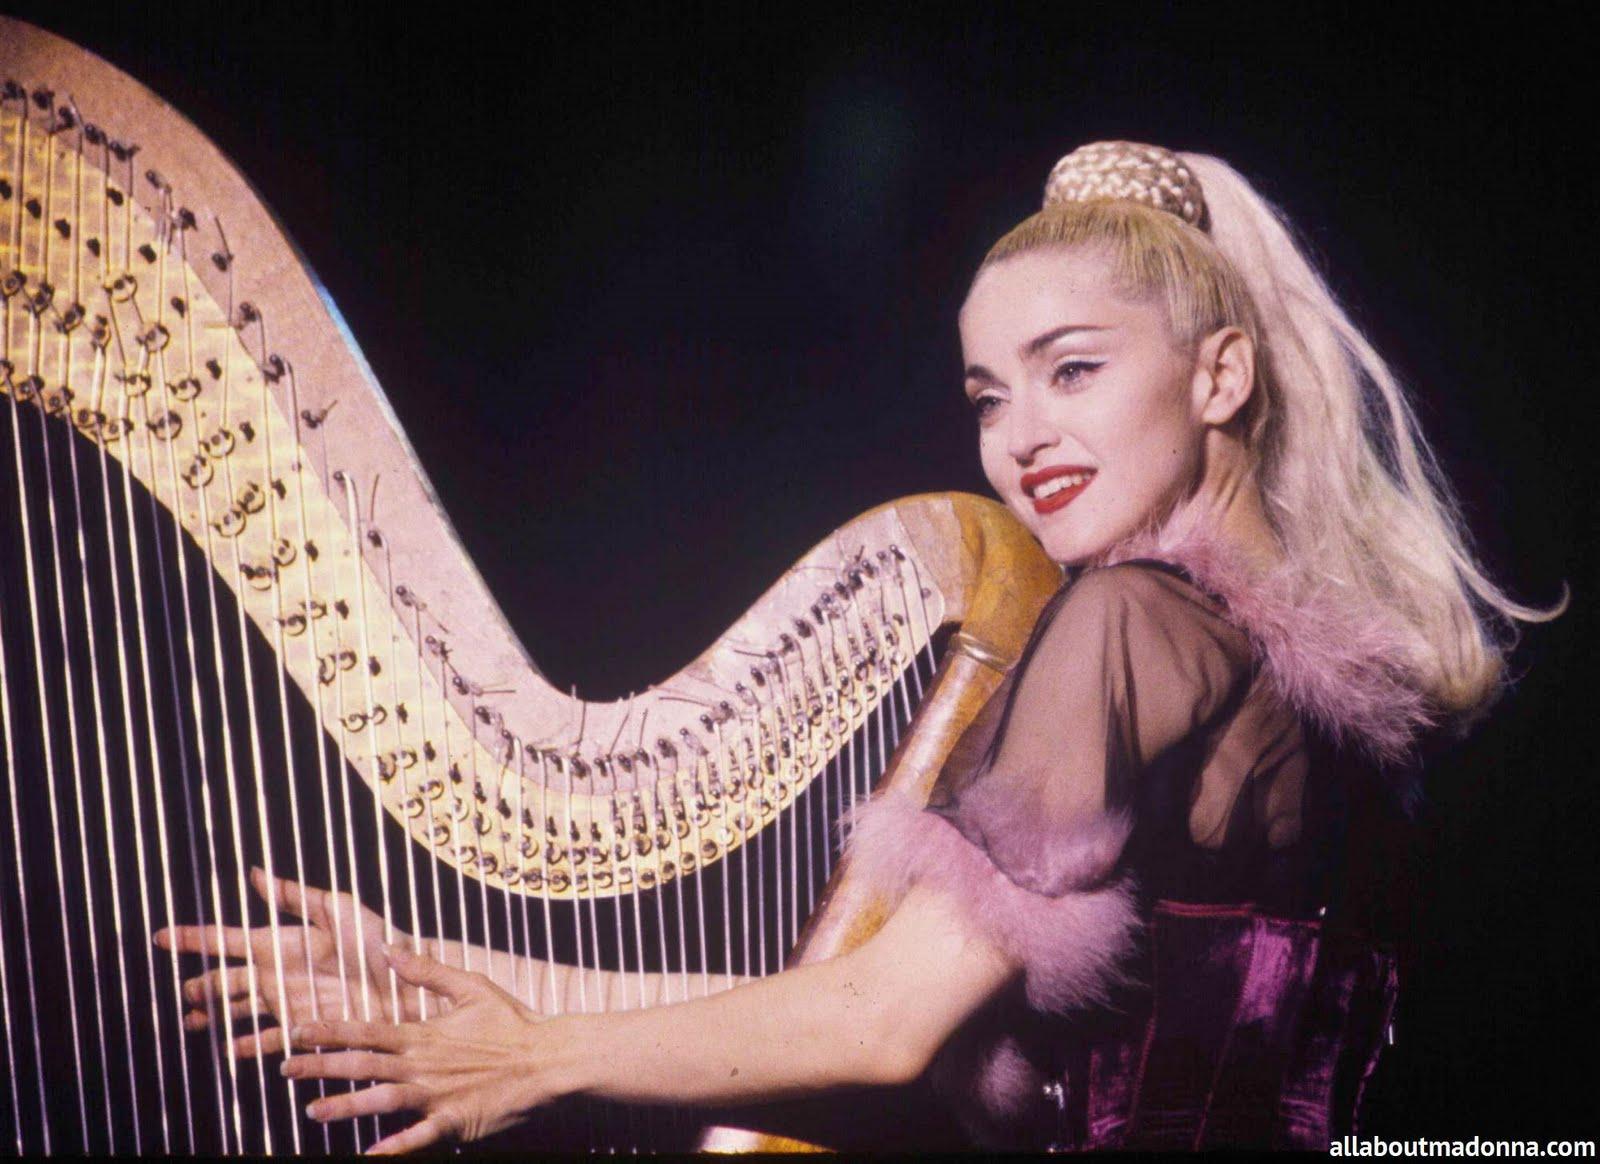 http://3.bp.blogspot.com/_9FKgD1gh7uI/S8VQ0aTST9I/AAAAAAAAB60/8doFuVlw74g/s1600/FP_1151837_ROC_Madonna_Archive_20_031008.jpg